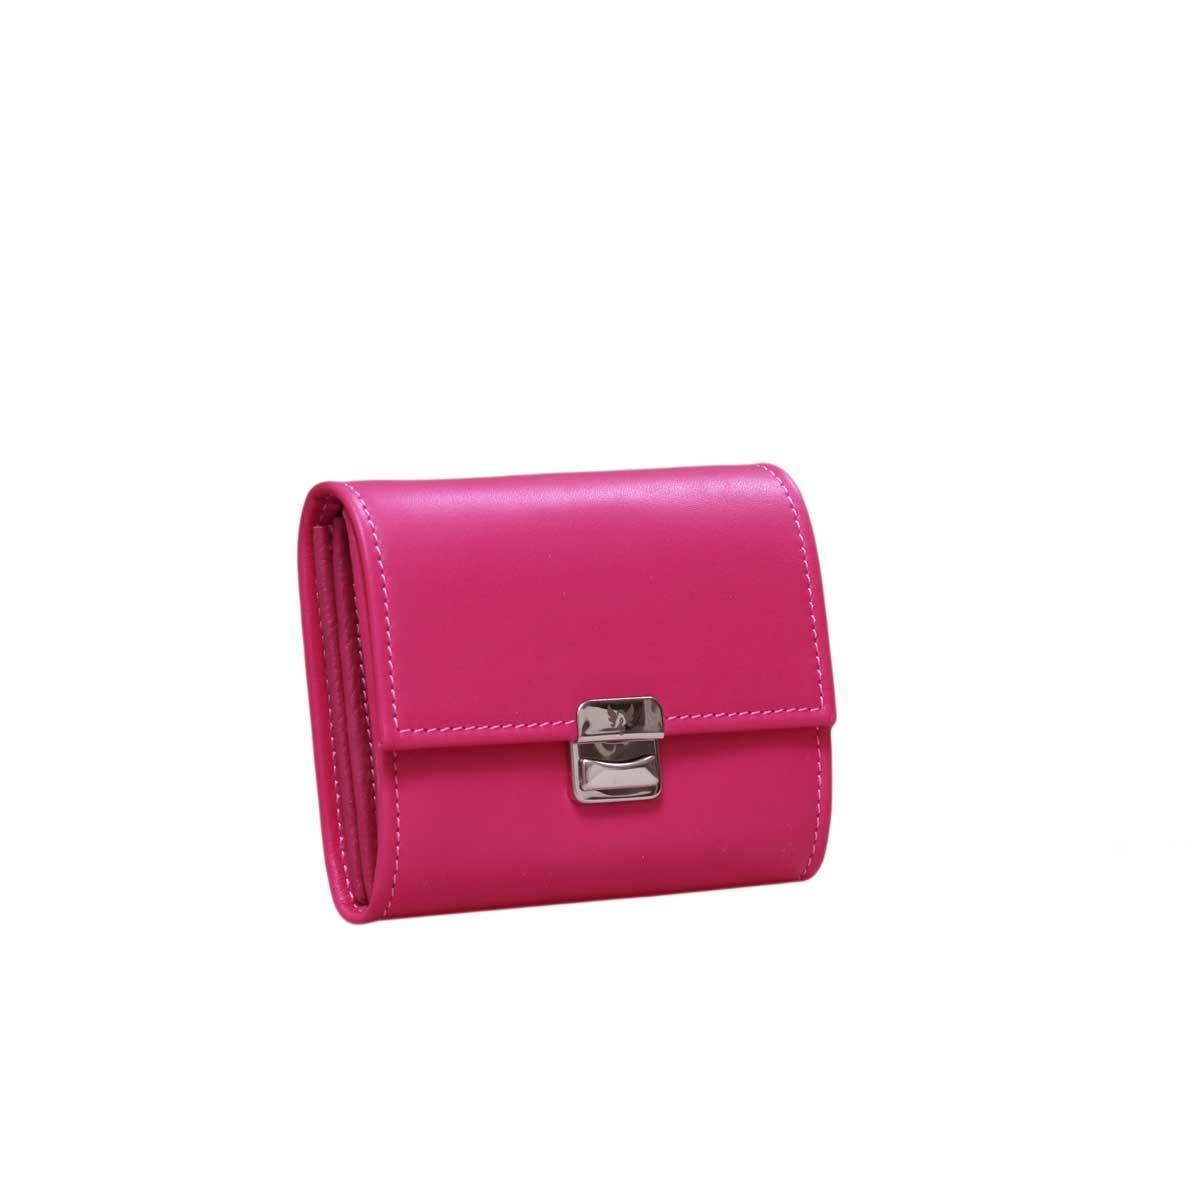 pink portemonnaie eder klein